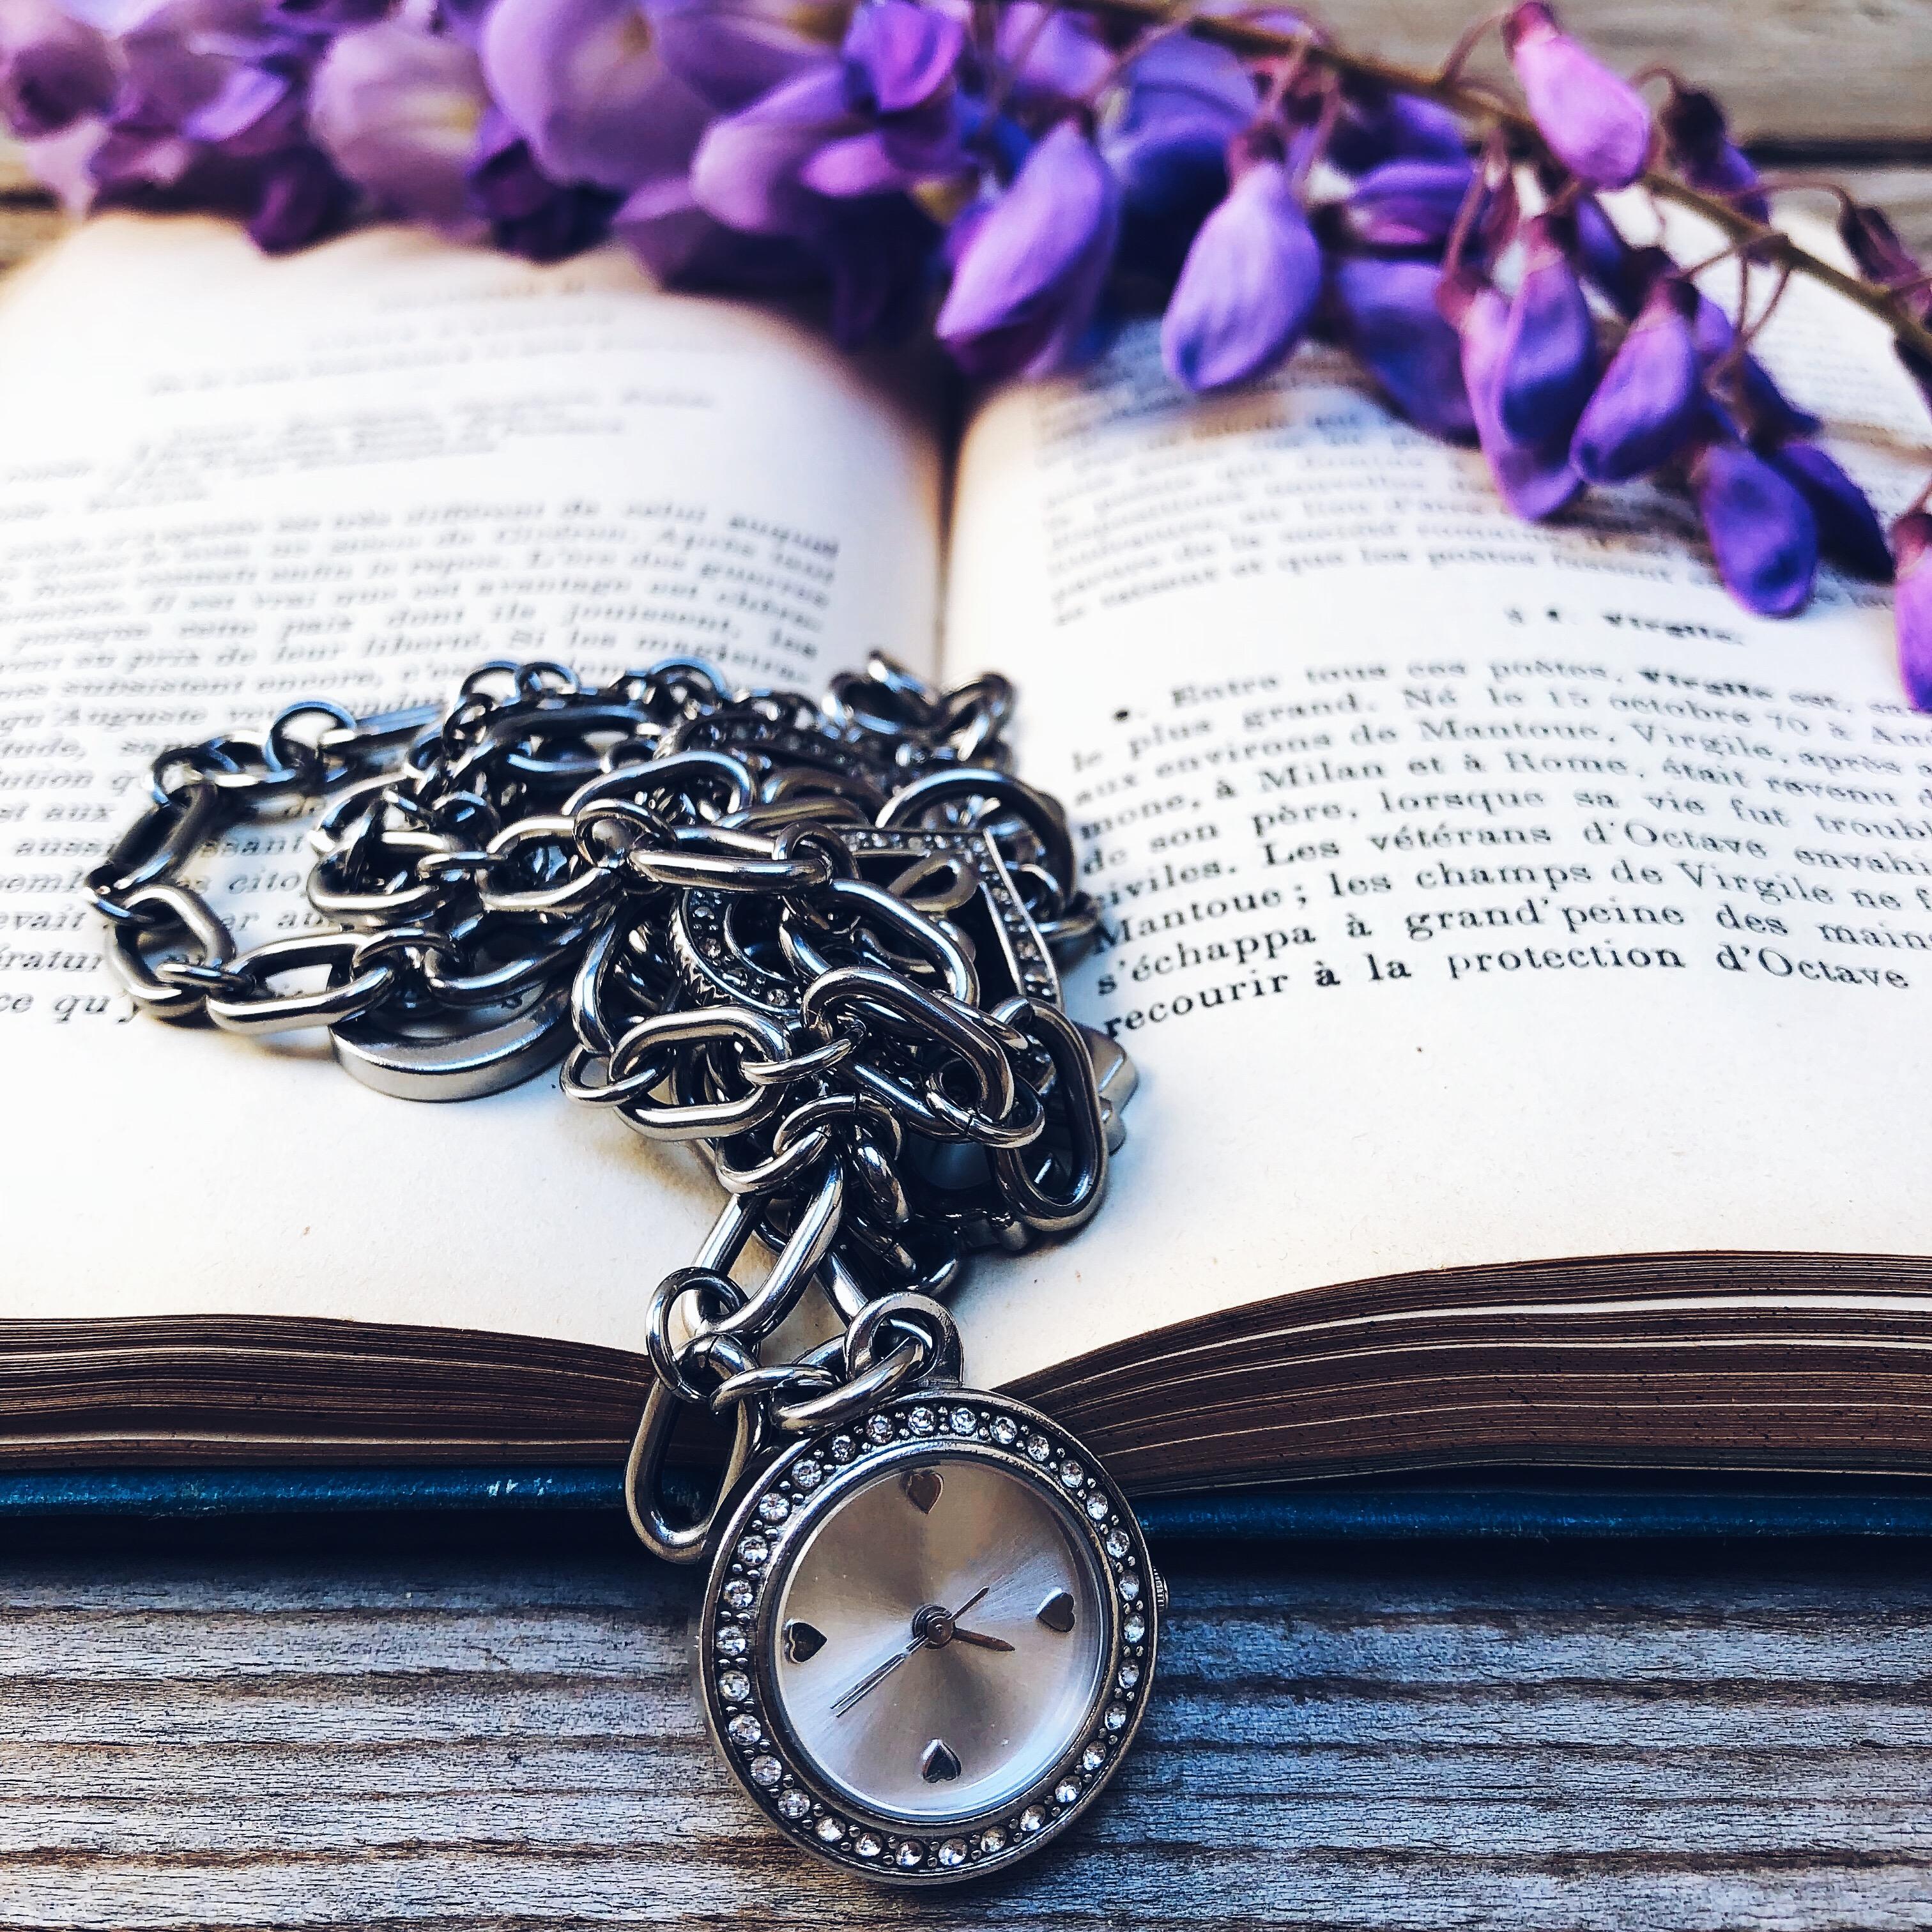 Orologio d'argento appoggiato su un libro con fiori di glicine - Servizi personalizzati di Comunicazione - tatianaberlaffa.com